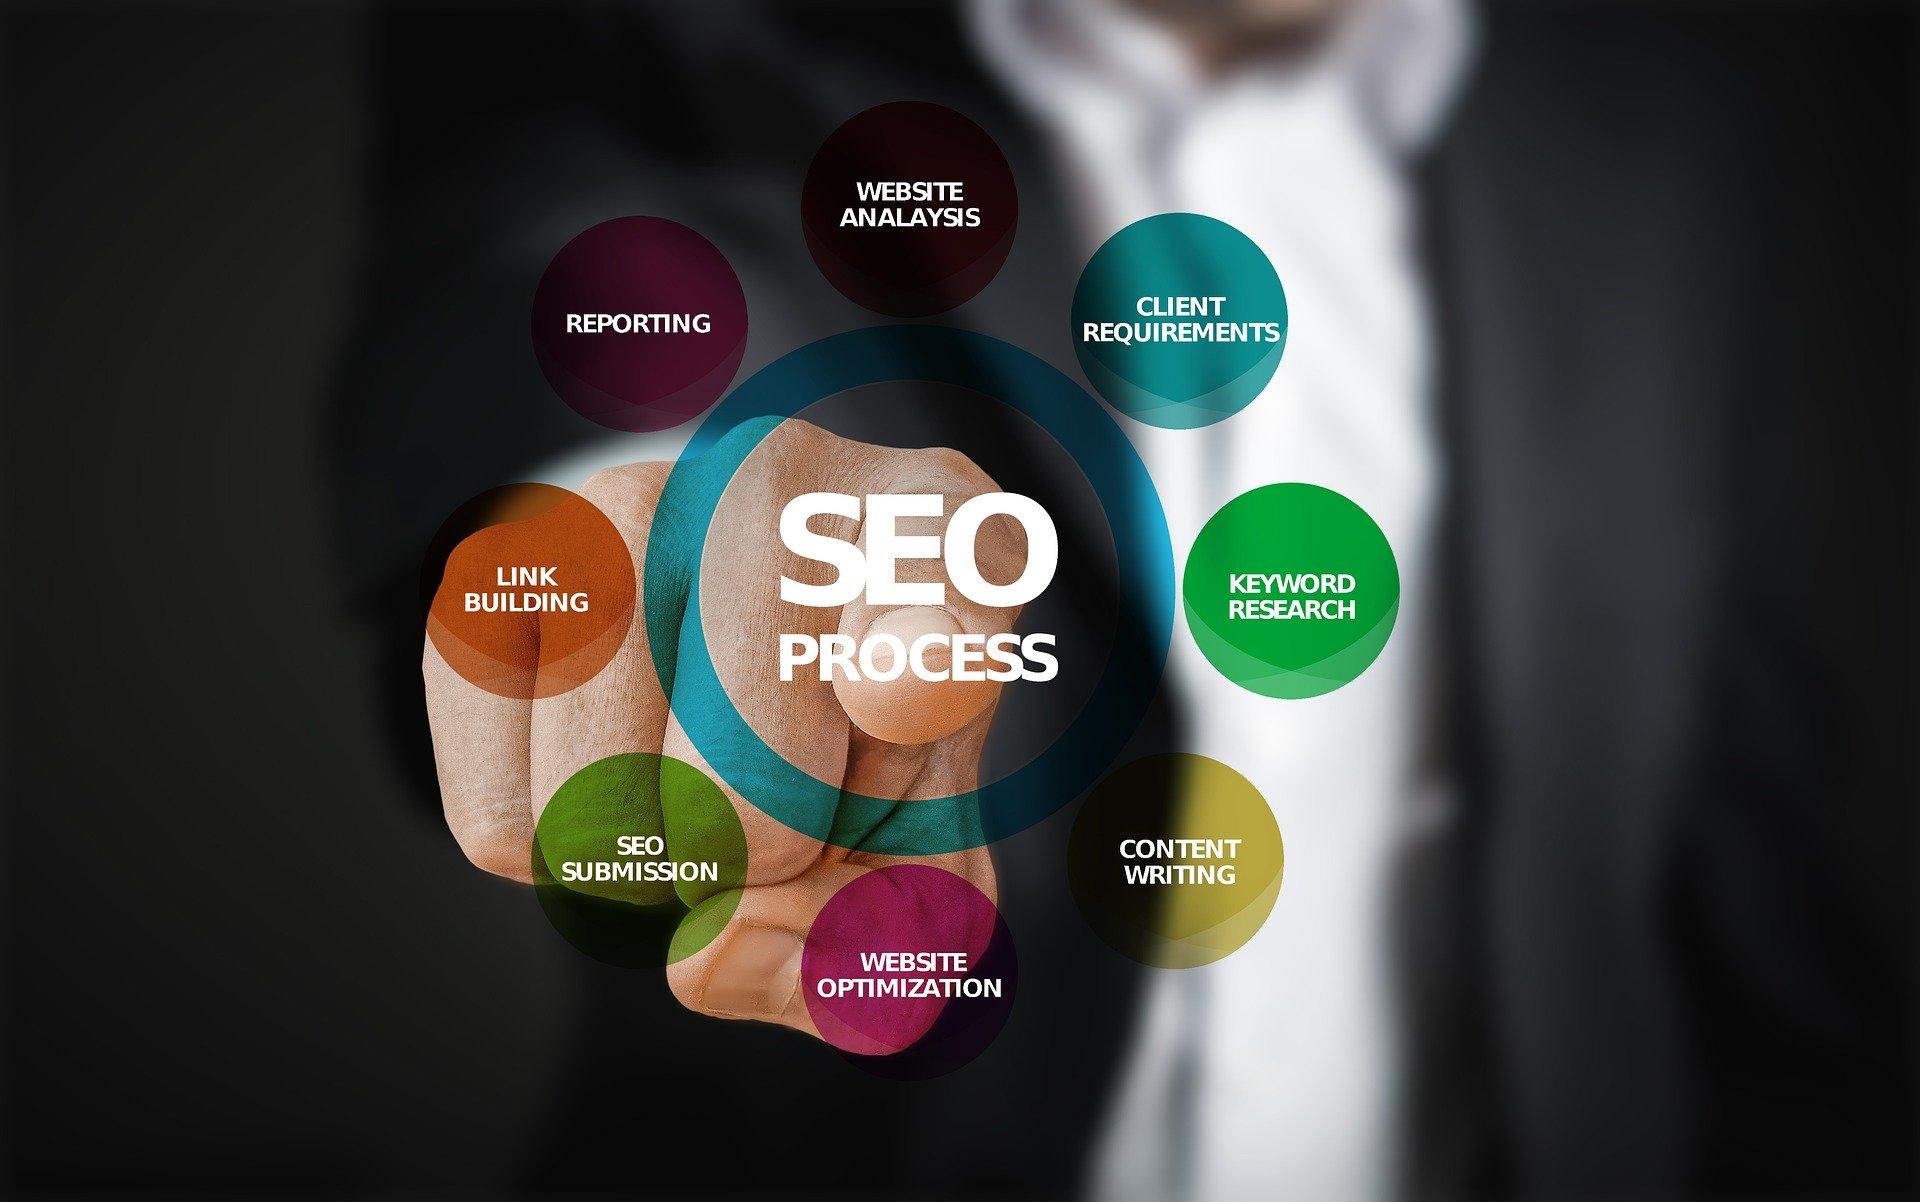 أهمية SSL لتحسين محركات البحث